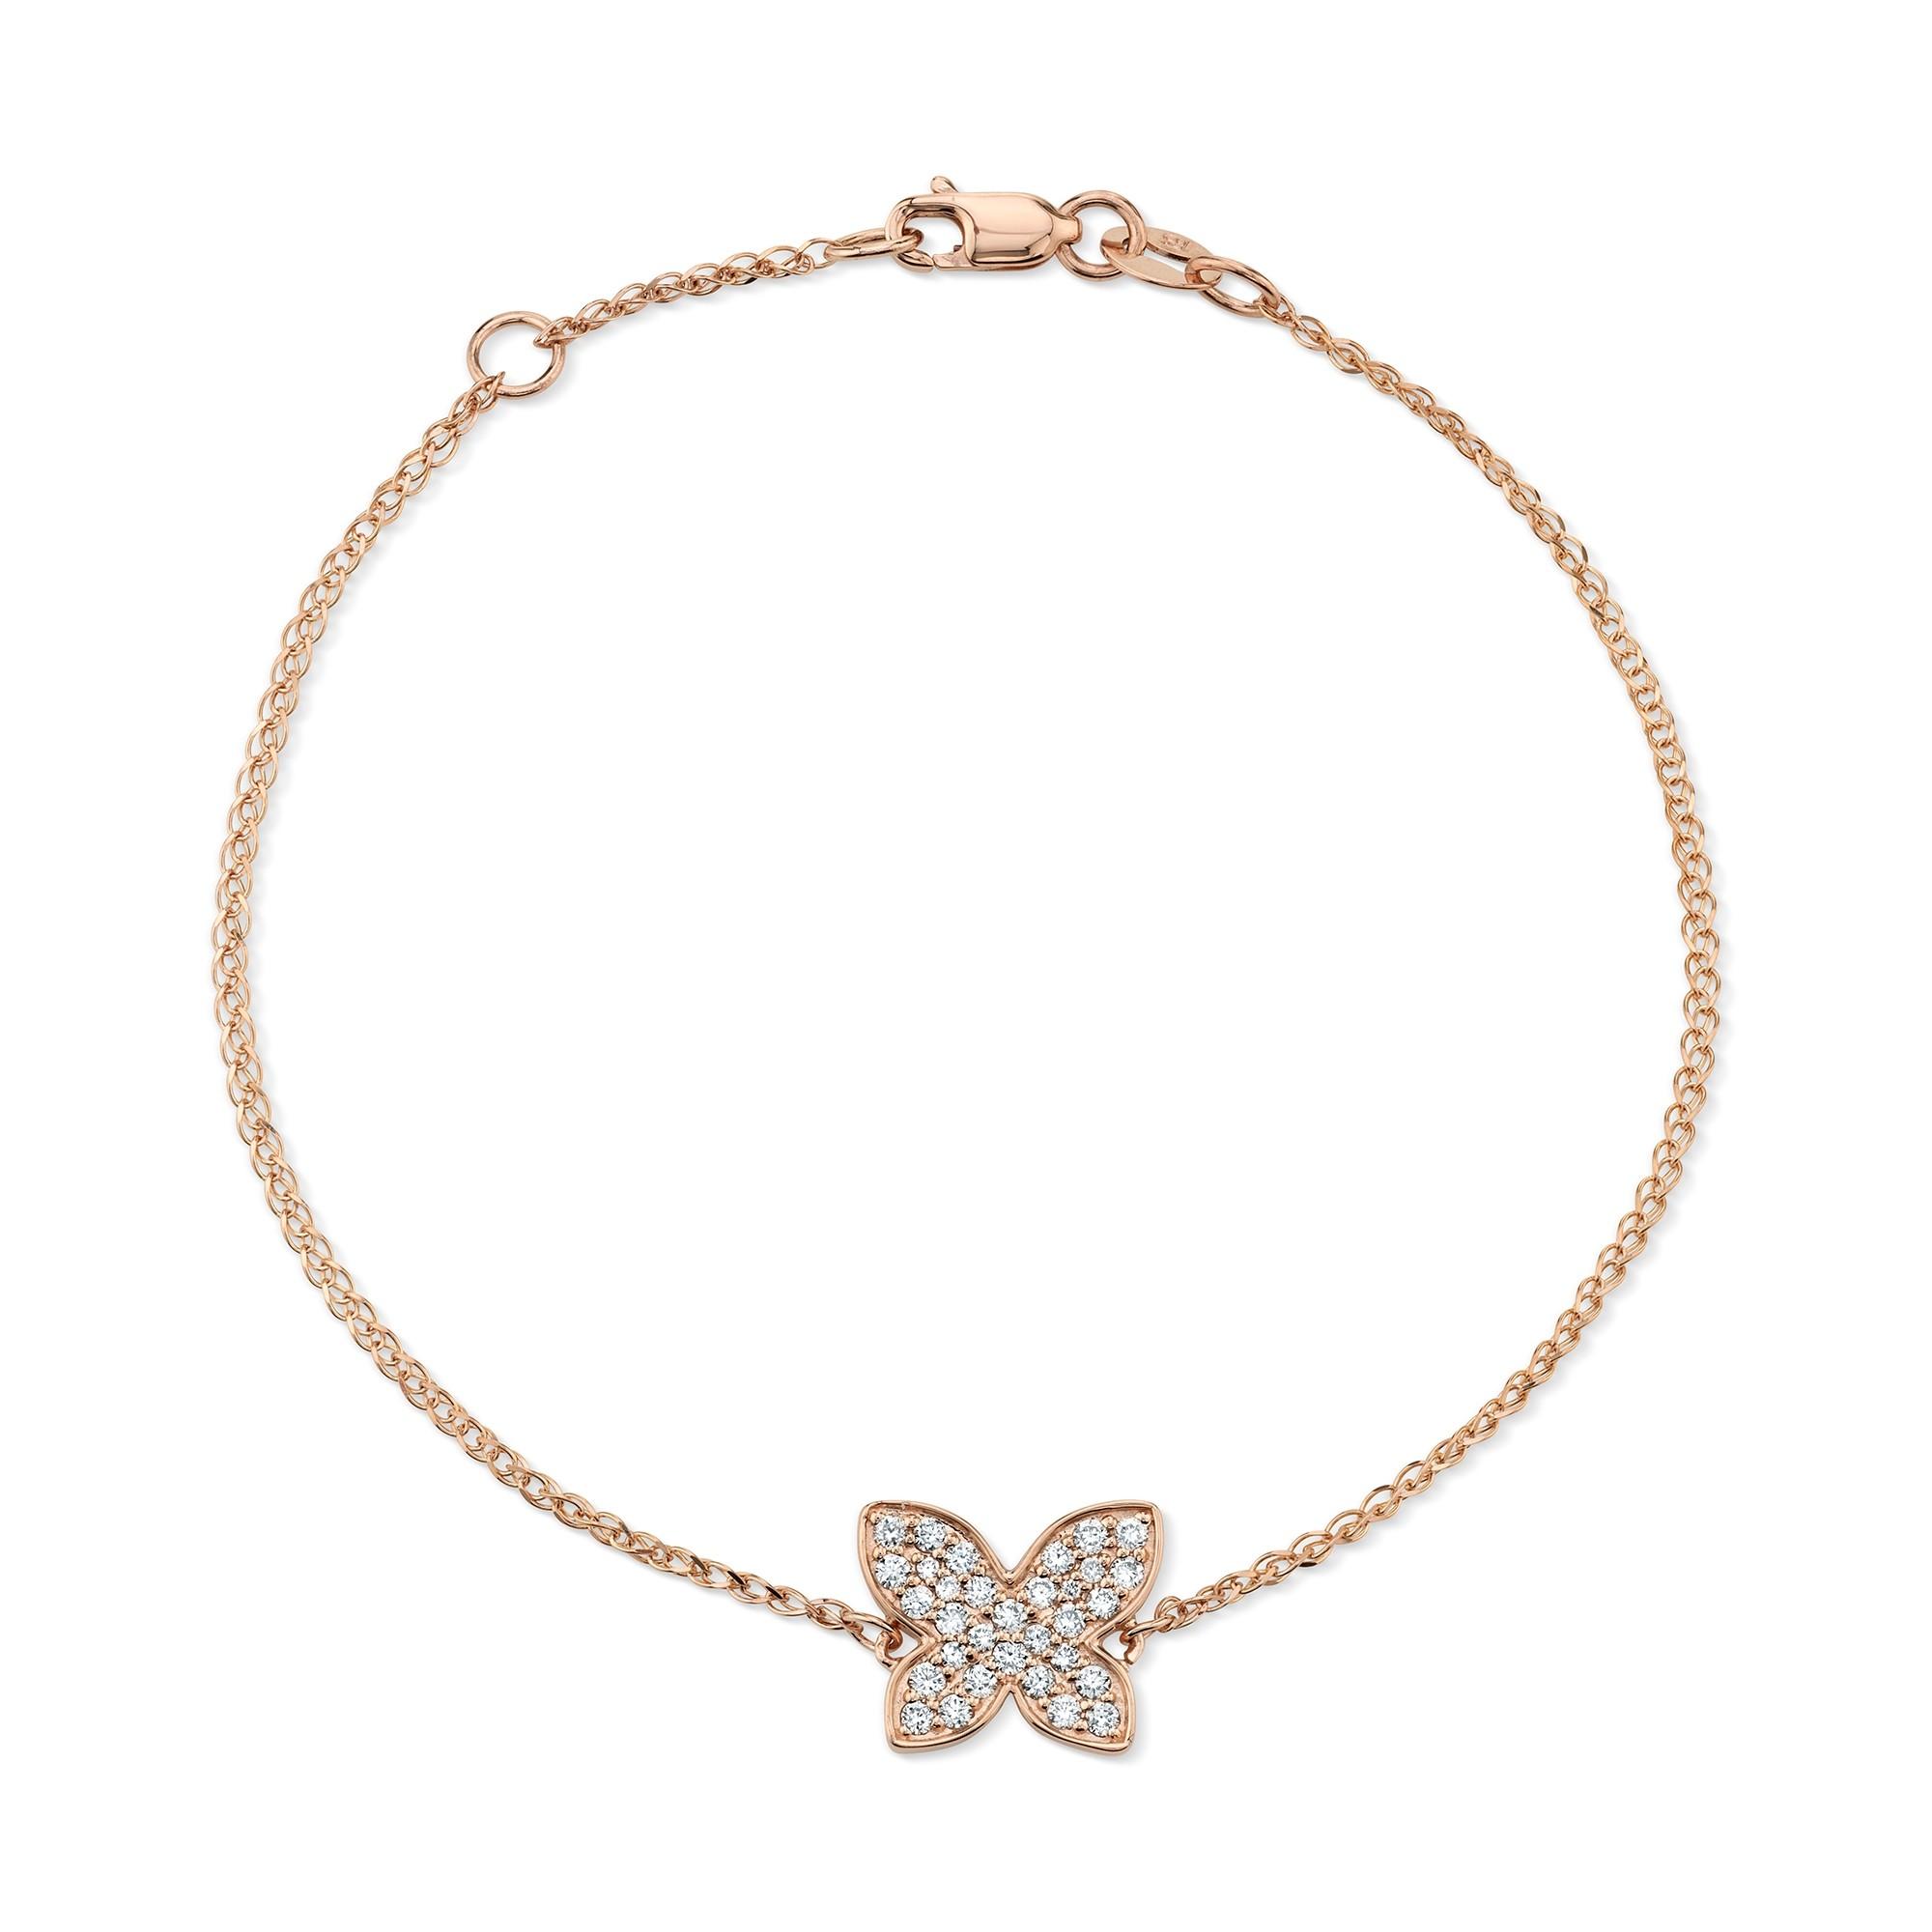 14k Rose Gold Diamond Floating Butterfly Bracelet